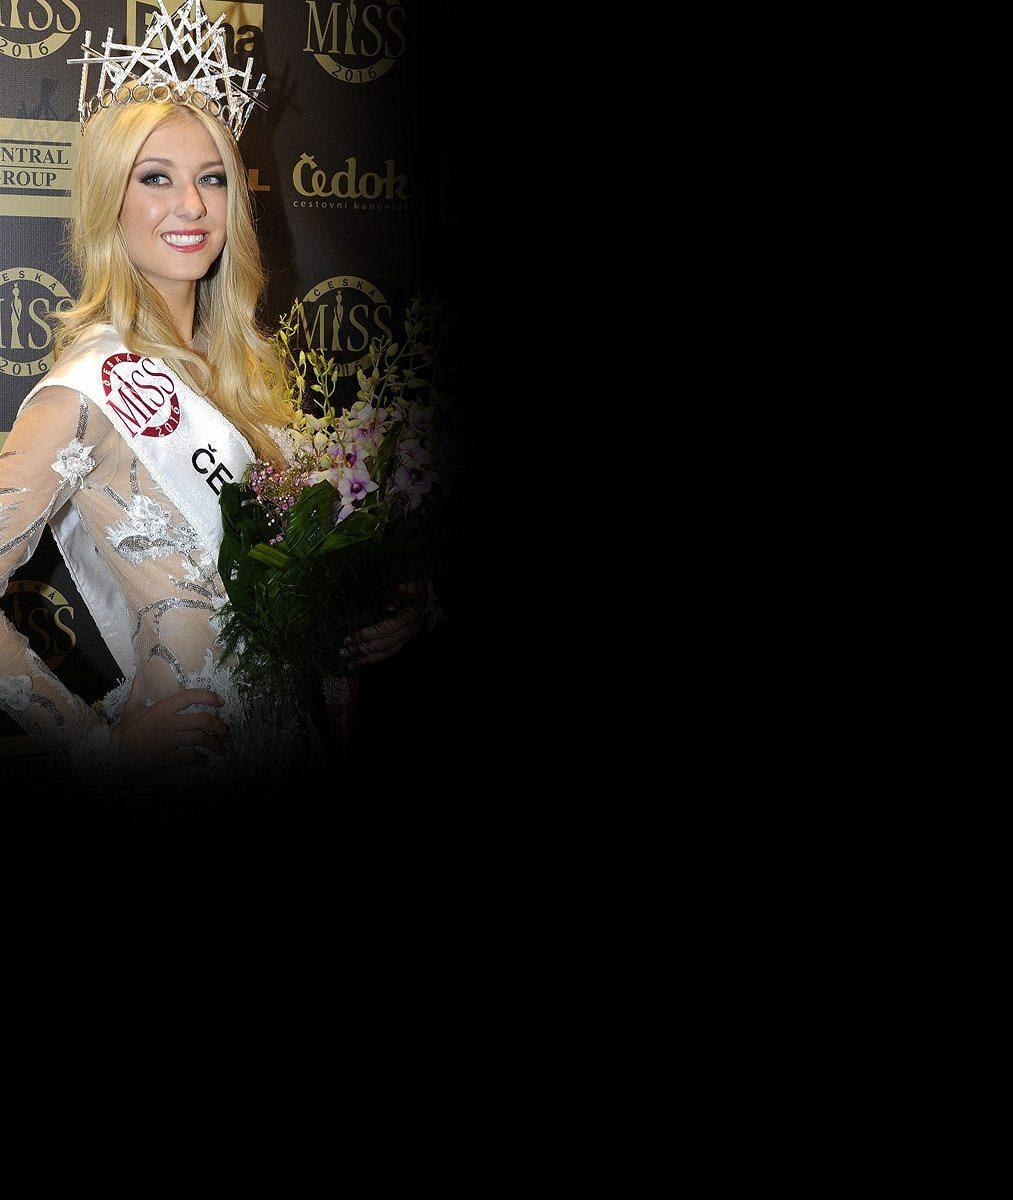 Natálie Kotková se zDominikánské republiky do Kanady nedostala! Zůstává uvězněná vKaribiku